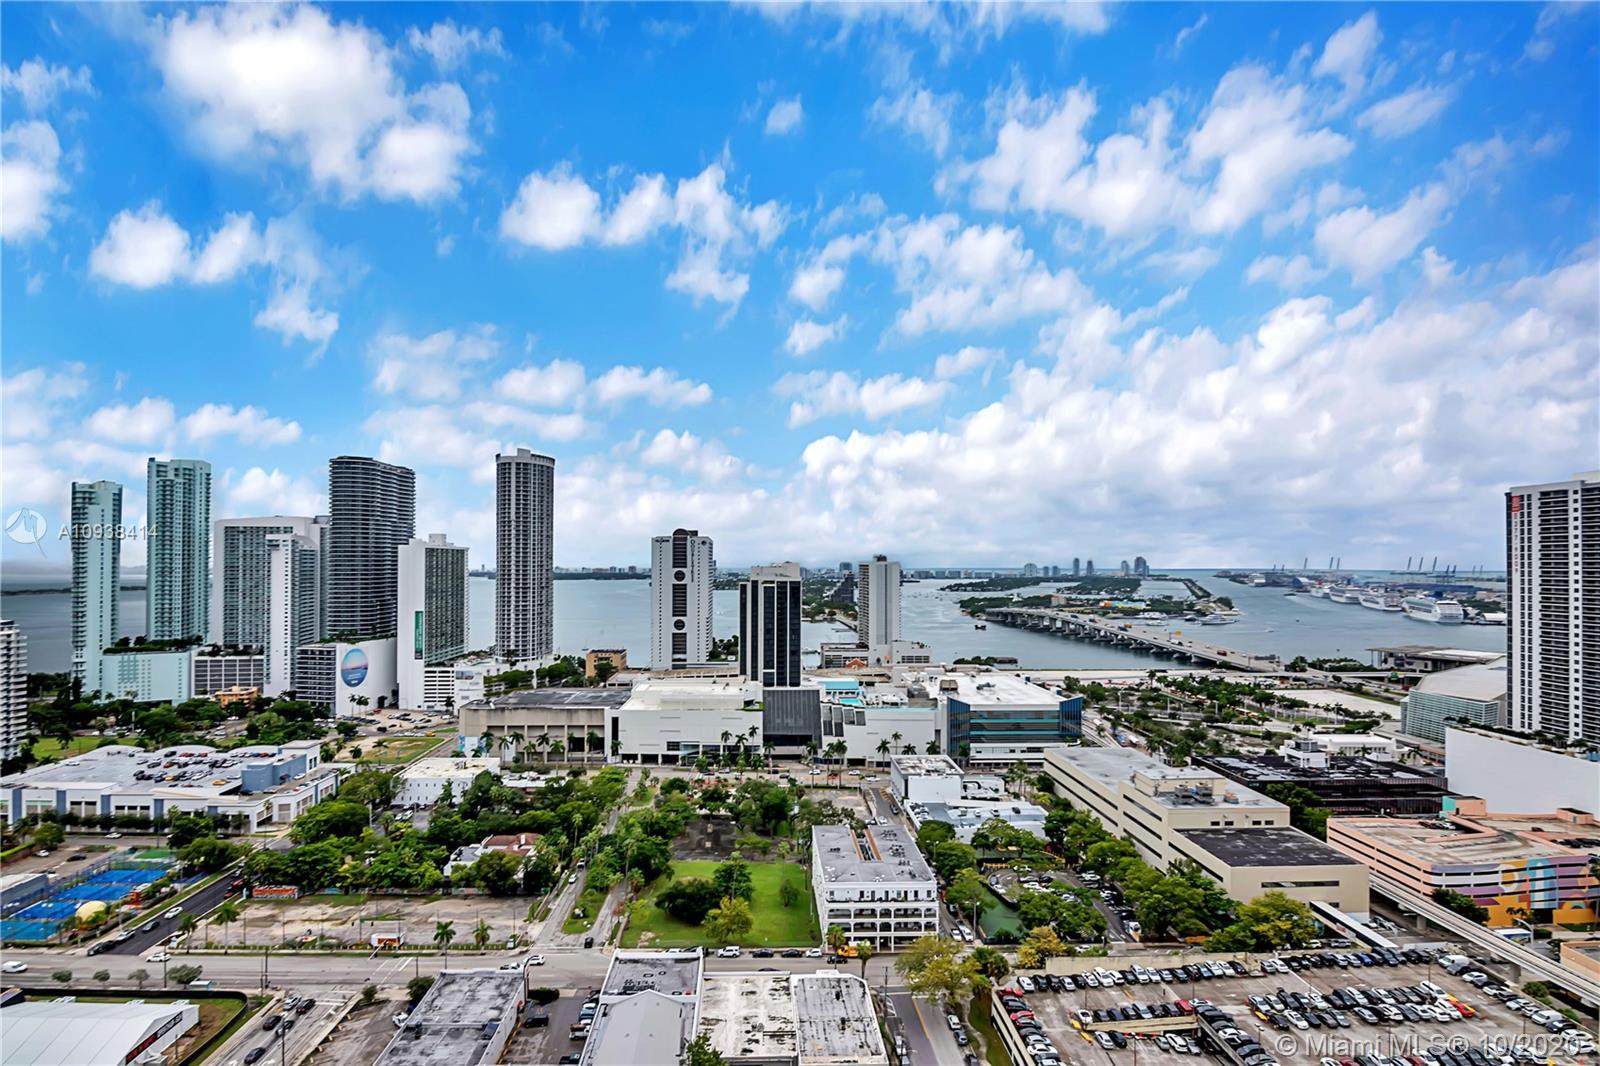 Canvas #2901 - 1600 NE 1st Ave #2901, Miami, FL 33132